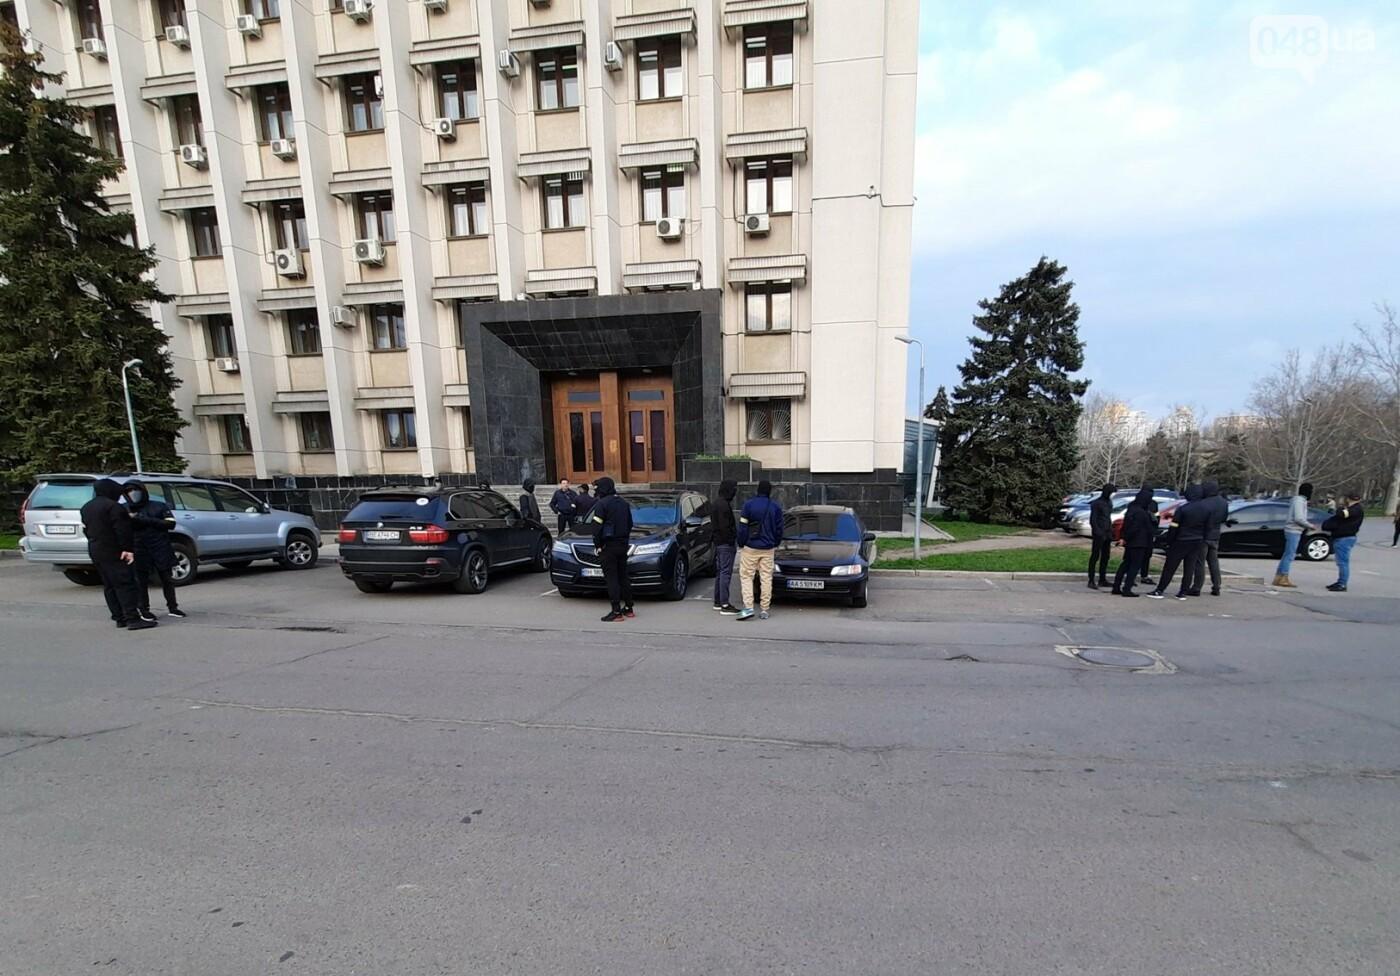 В Одессе неизвестные в масках и балаклавах окружили здание обладминистрации, - ФОТО, фото-8